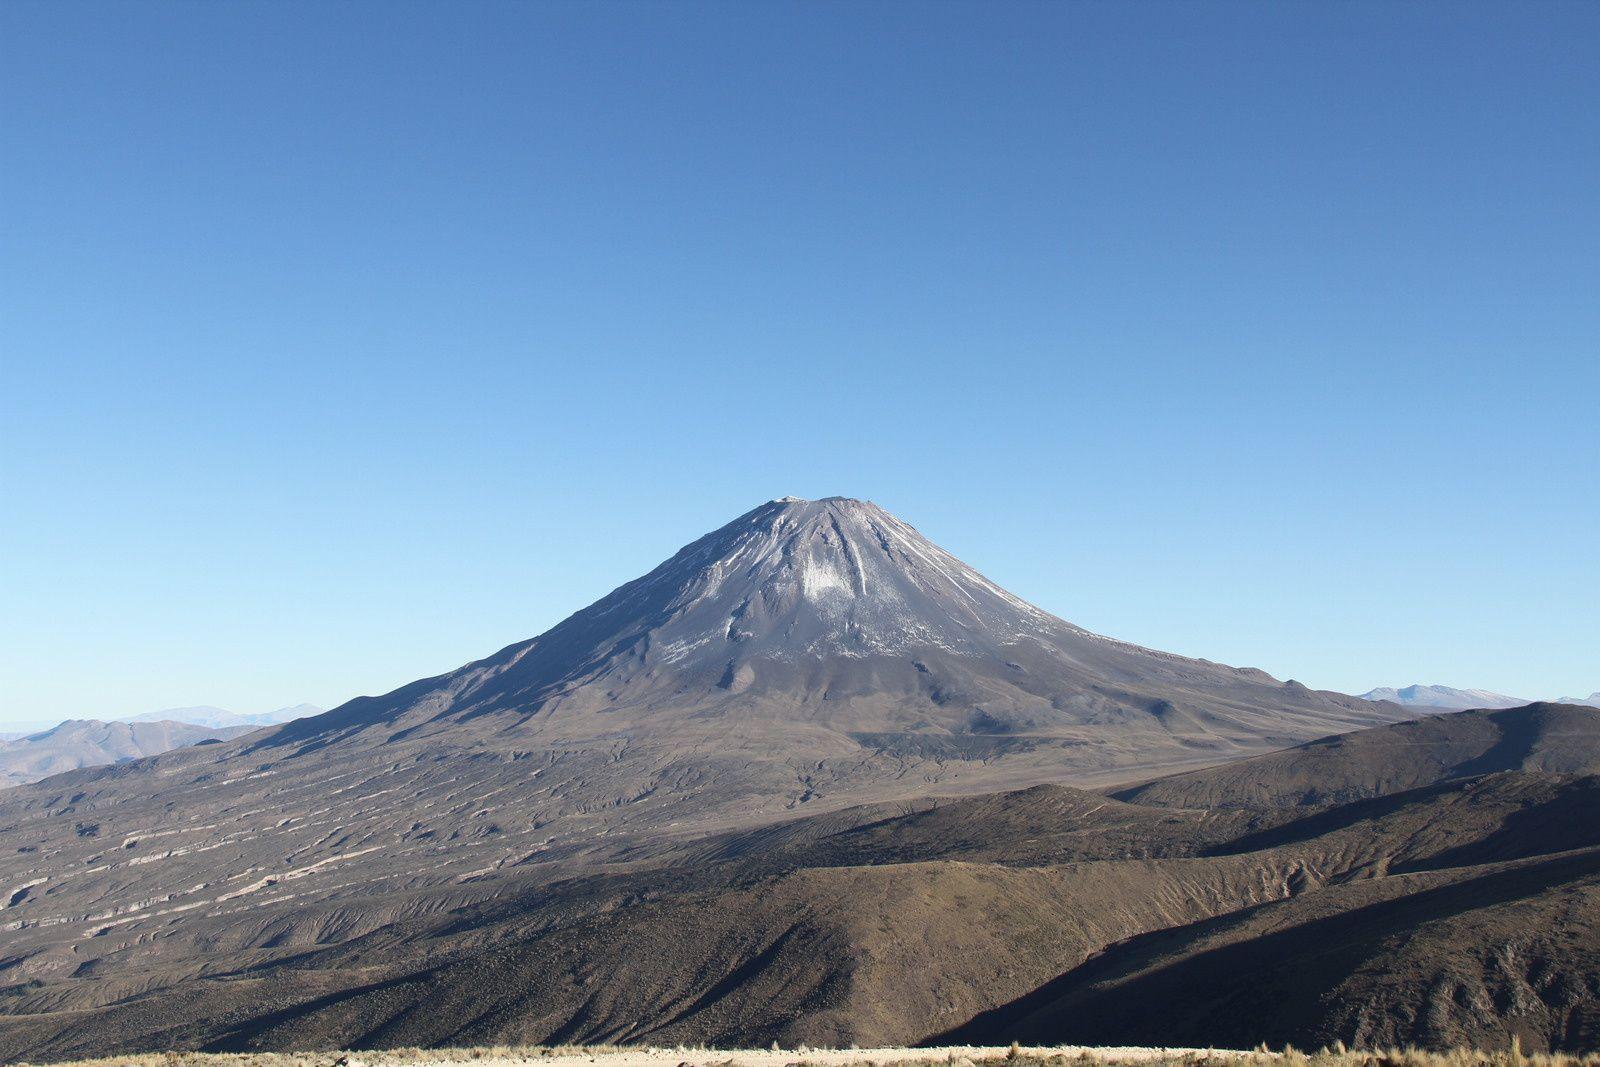 En route vers , l'Ubinas, nous contournons le splendide cône du Misti